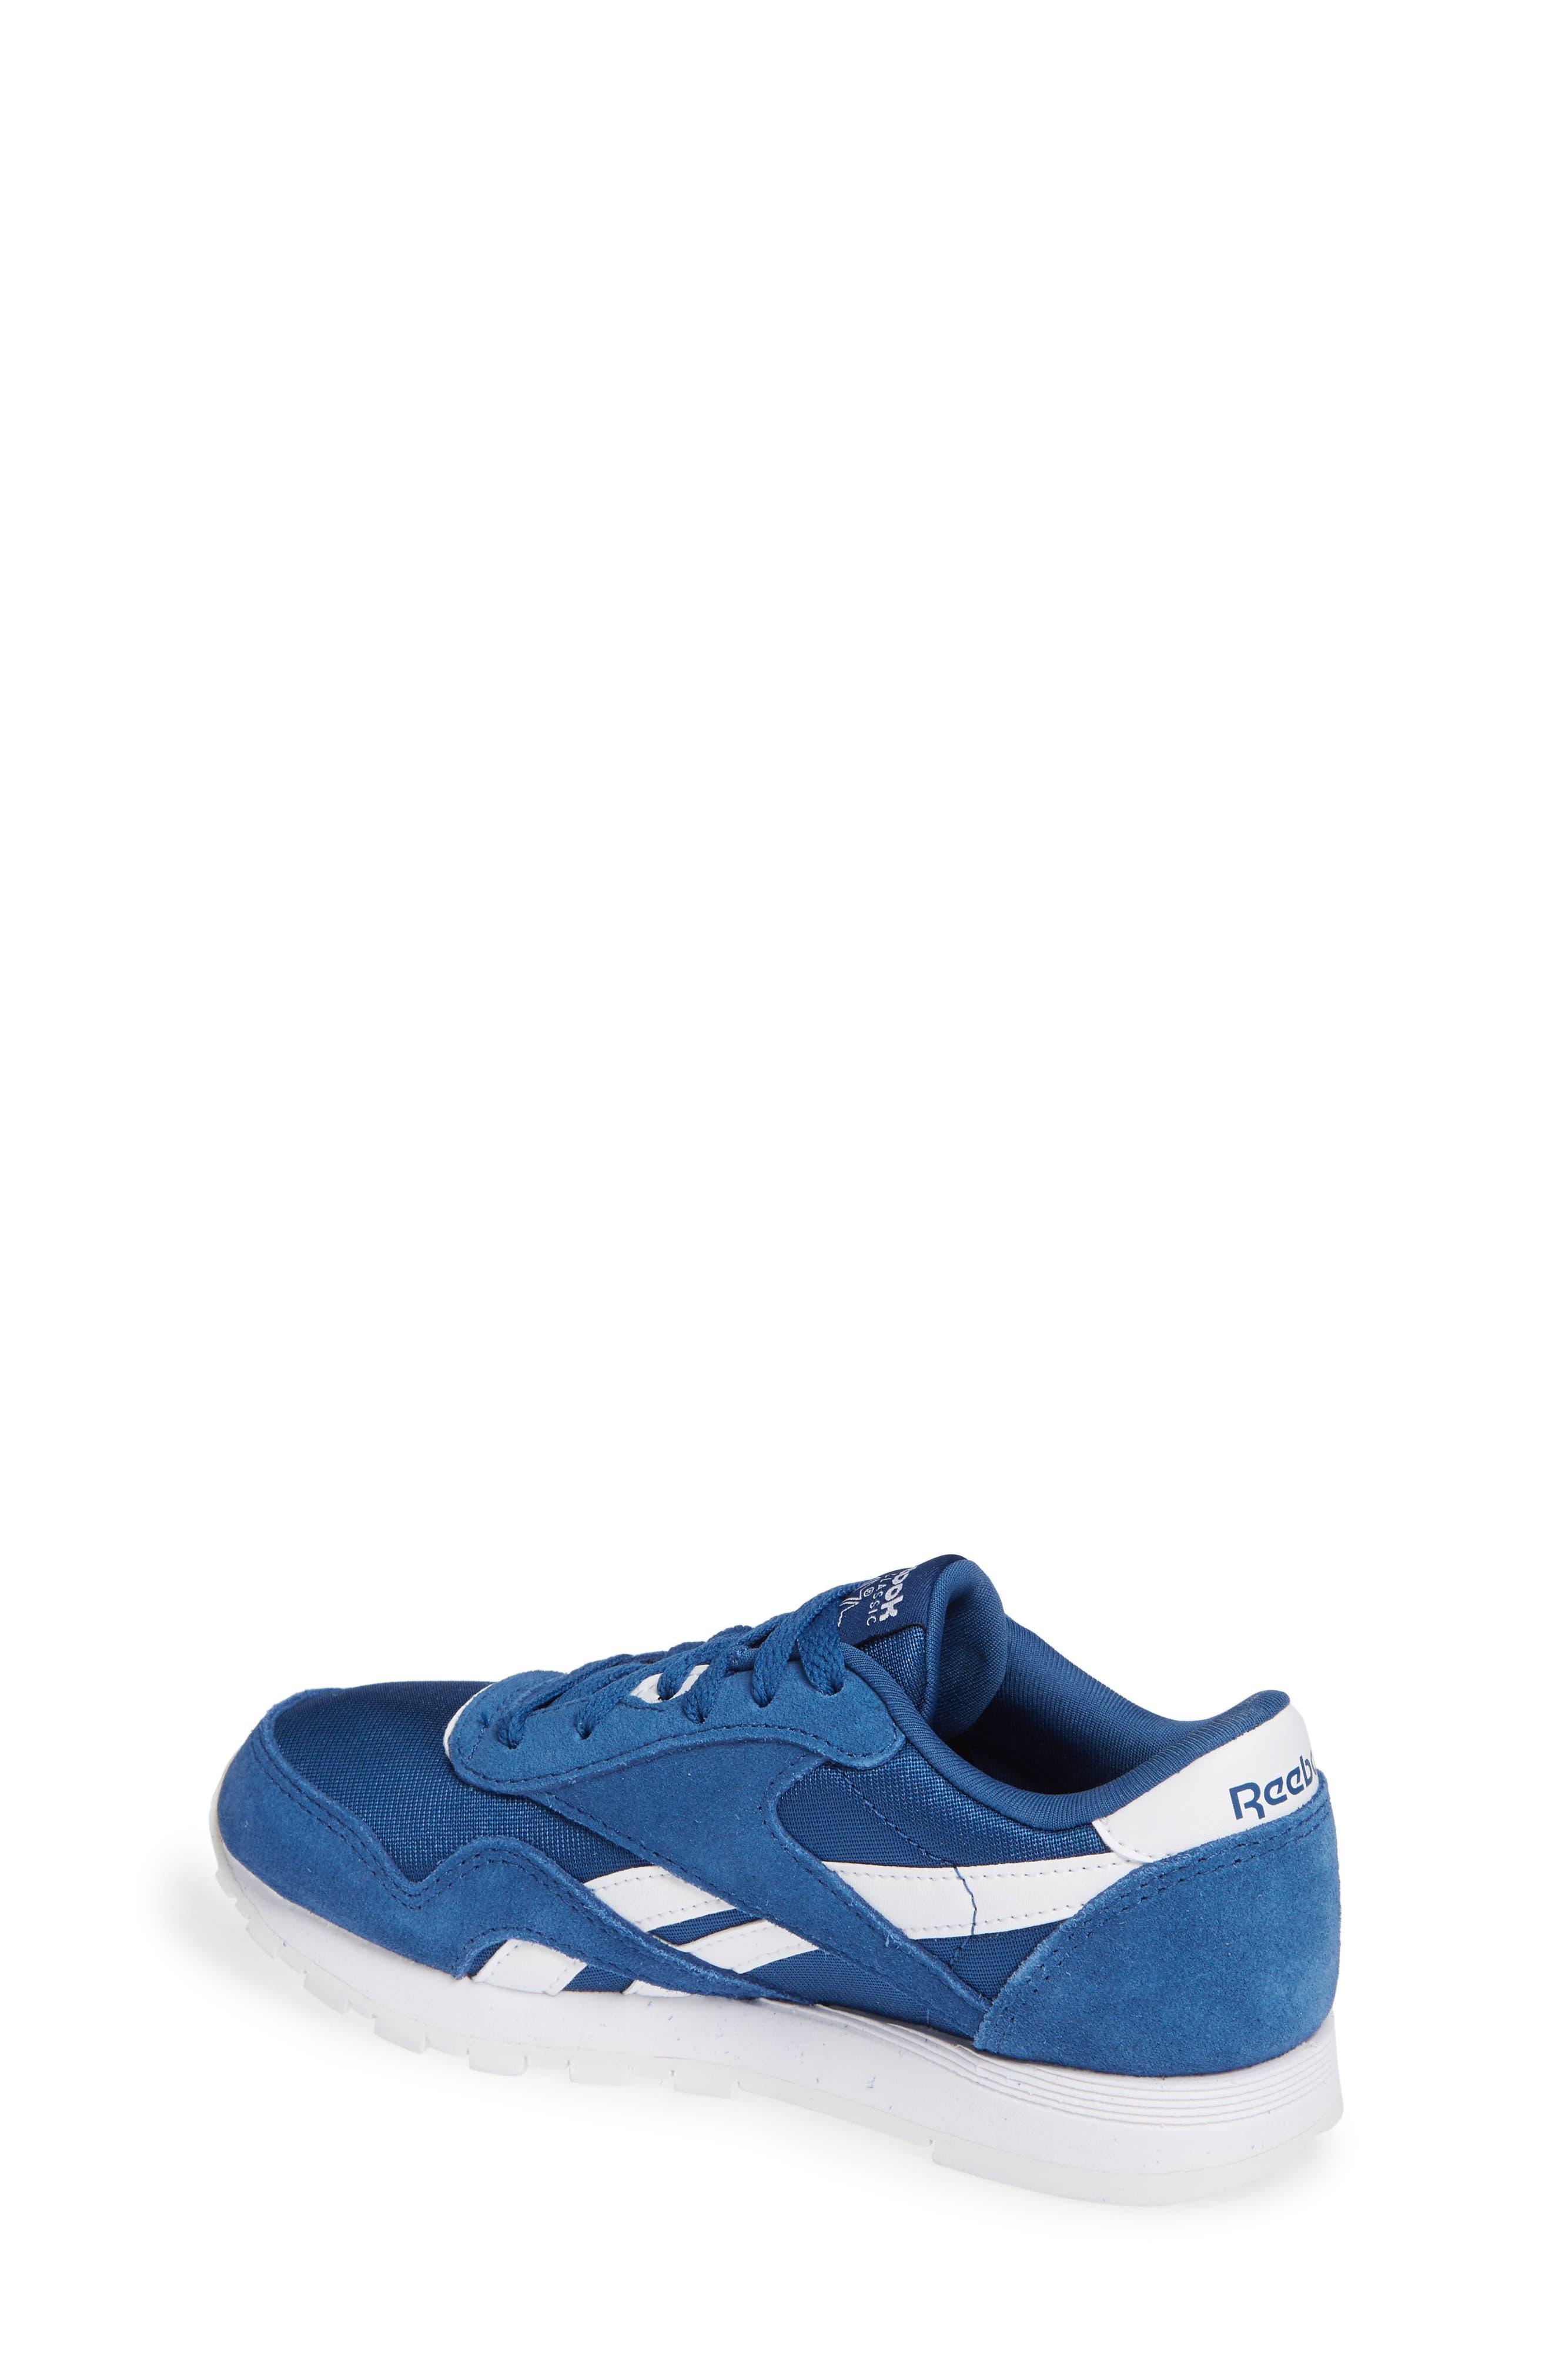 Classic Nylon Sneaker,                             Alternate thumbnail 2, color,                             Bunker Blue/ White